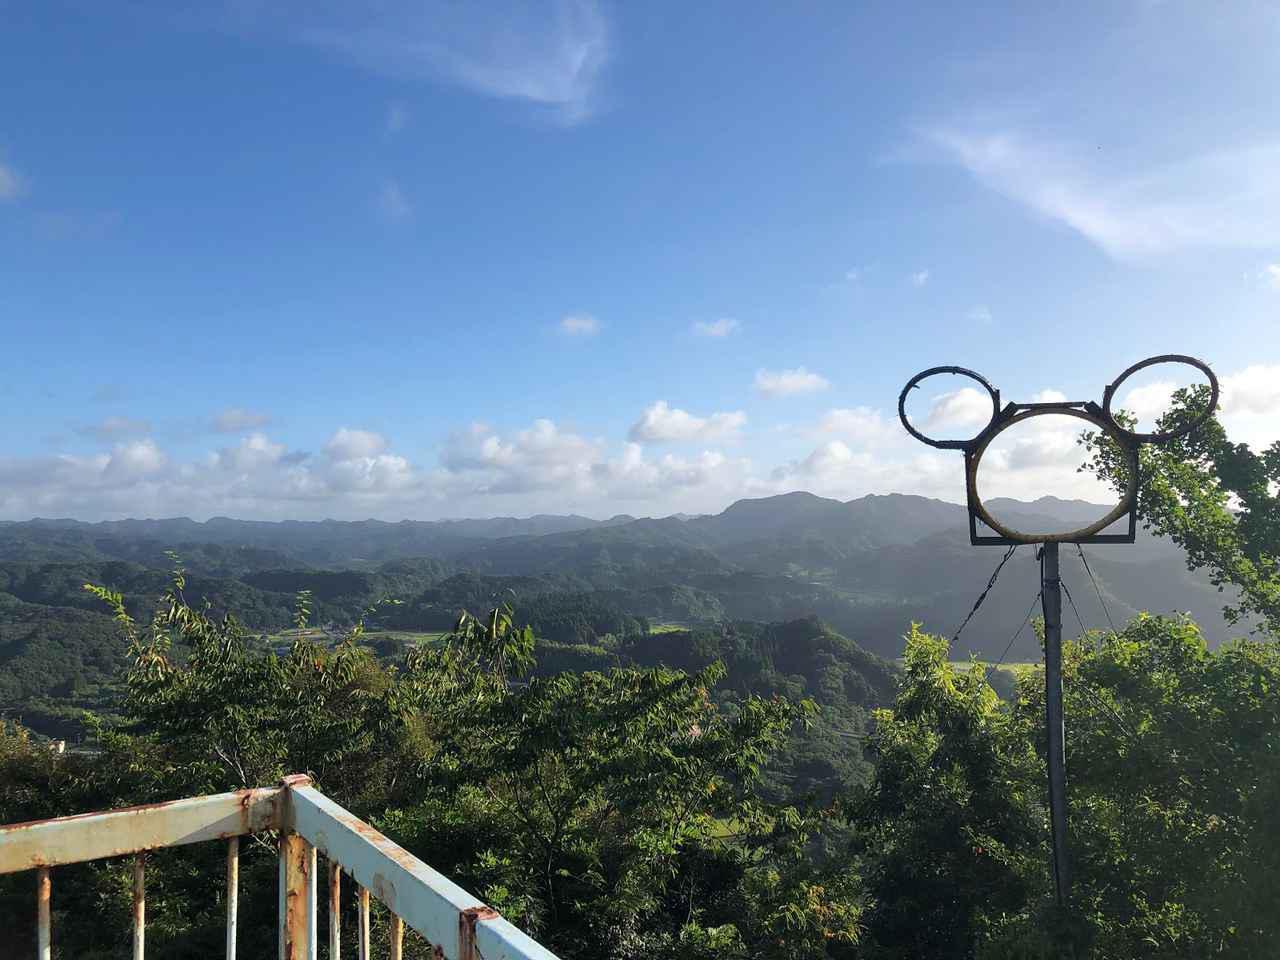 画像: 【おすすめキャンプ場45】山道を登るとそこは別世界!「フォレストパーティ峰山」で絶景と動物とのふれあいを楽しむ - ハピキャン(HAPPY CAMPER)